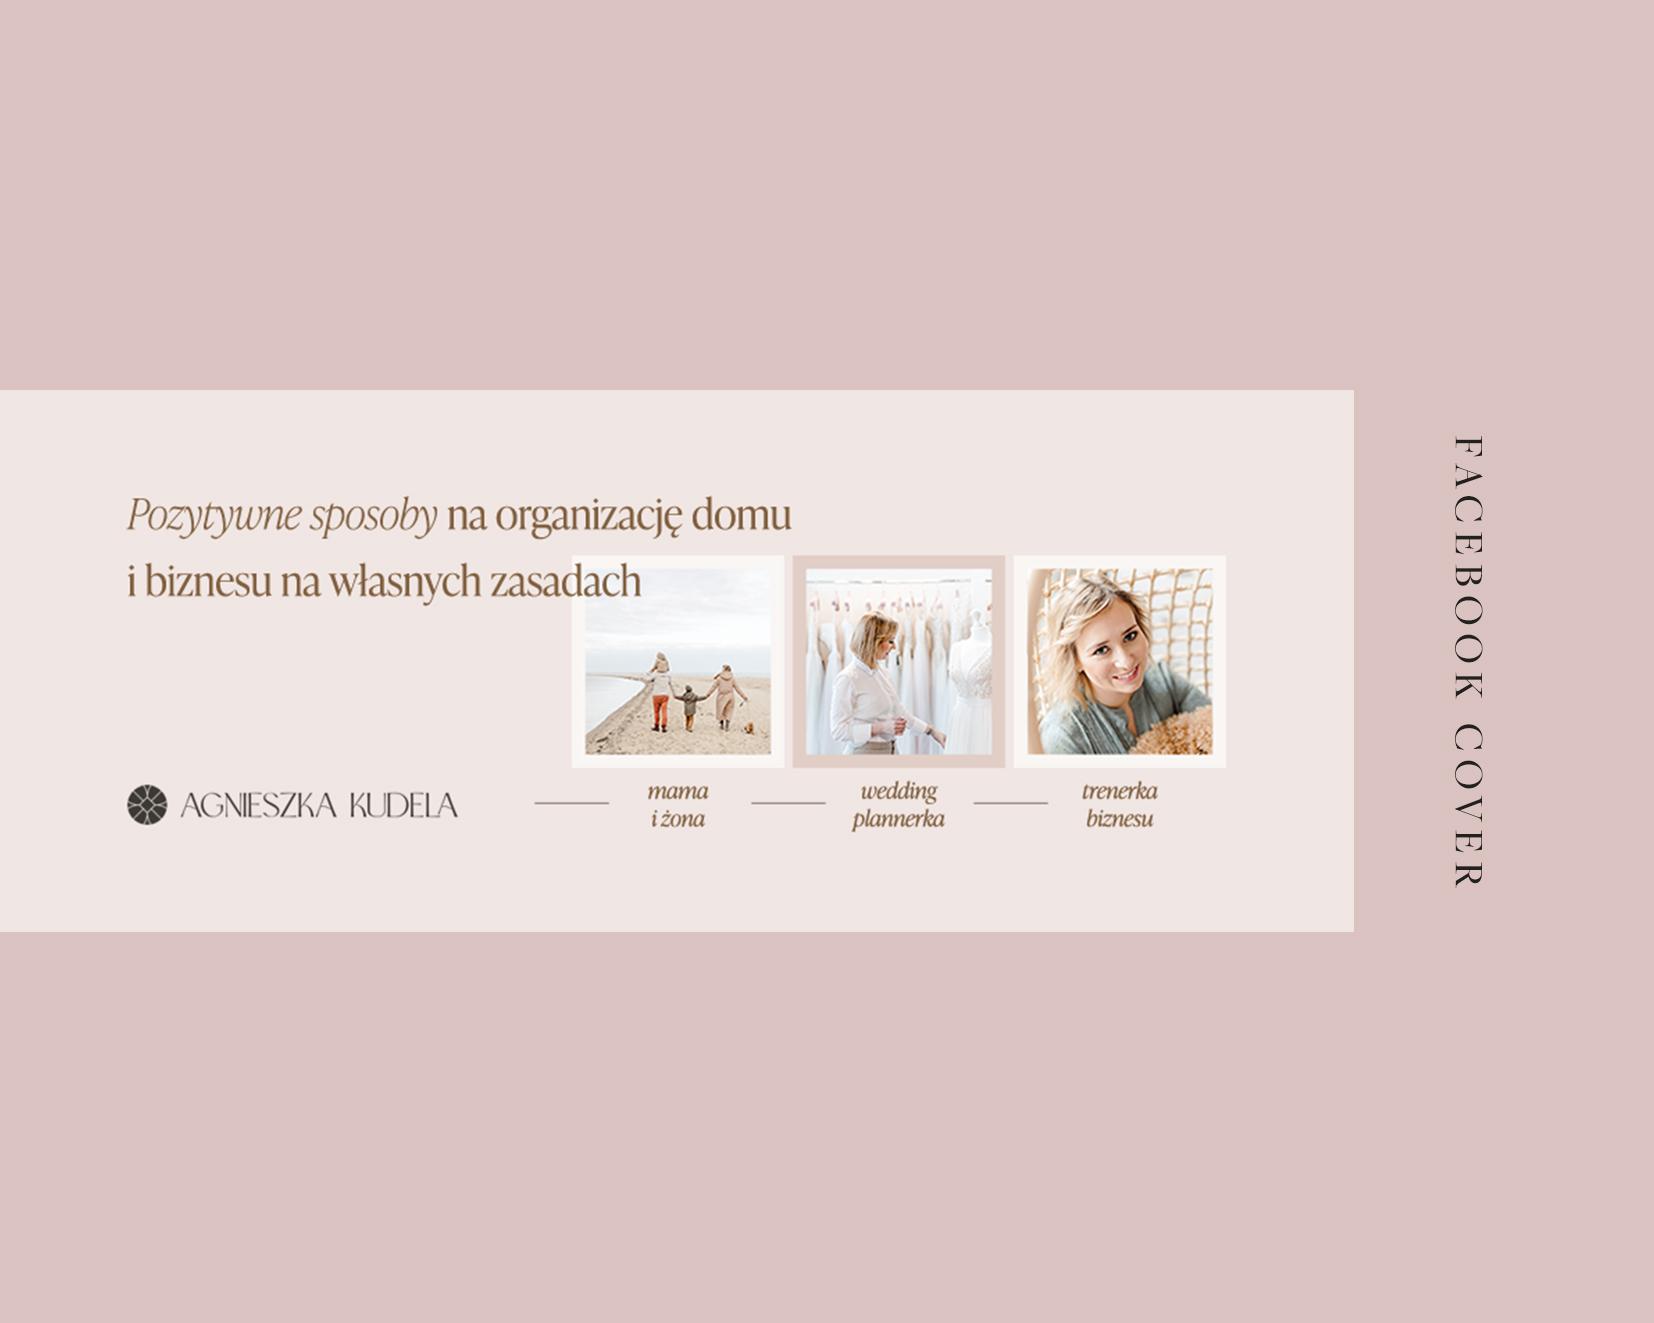 Grafiki reklamowe Agnieszka Kudela | Portfolio Moyemu | Identyfikacja wizualna, logo dla firmy, papeteria firmowa, materiały firmowe, grafiki reklamowe